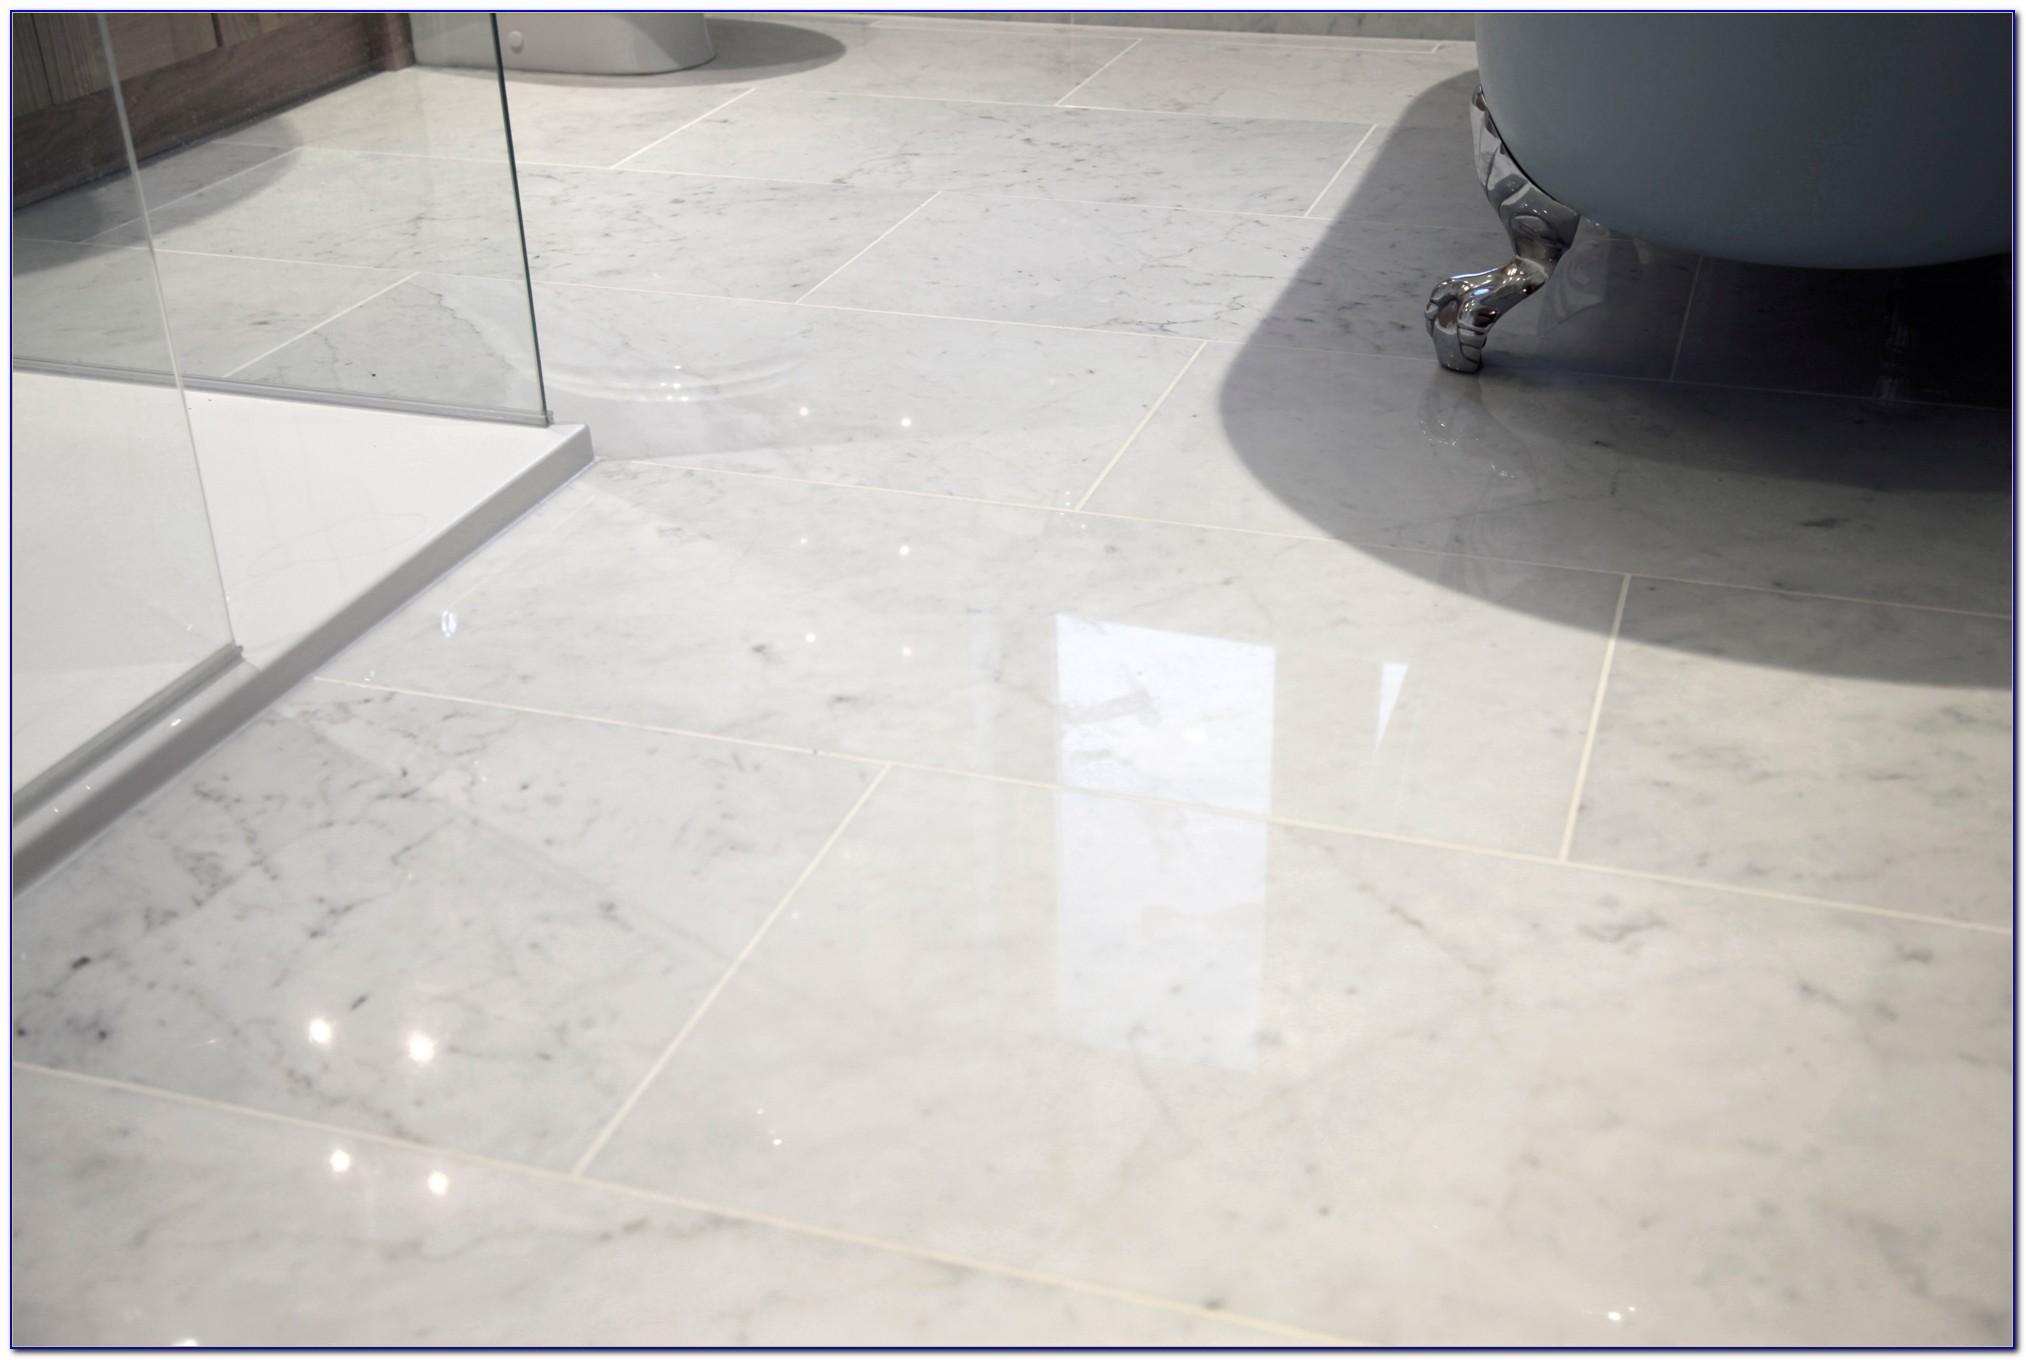 Carrara floor tile choice image tile flooring design ideas carrara marble floor tiles choice image tile flooring design ideas carrara marble floor tile hexagon tiles dailygadgetfo Image collections